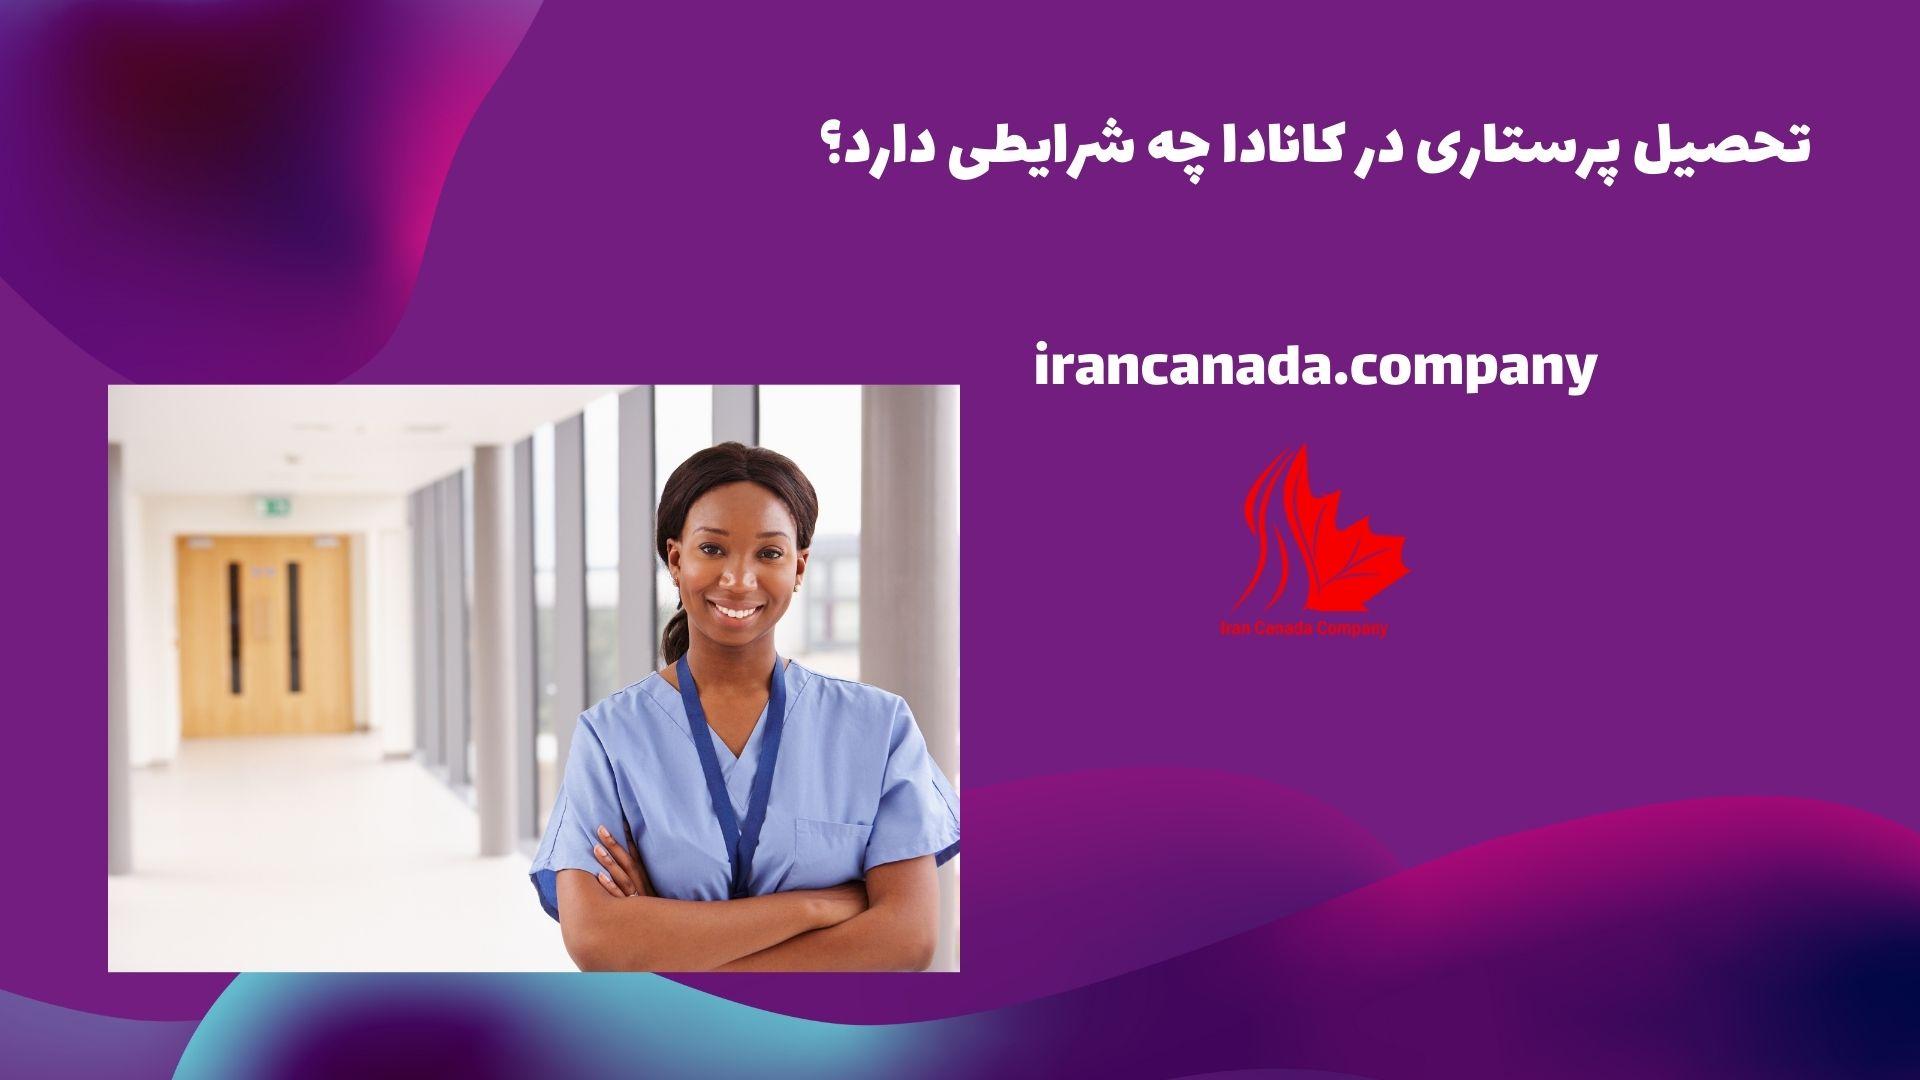 تحصیل پرستاری در کانادا چه شرایطی دارد؟